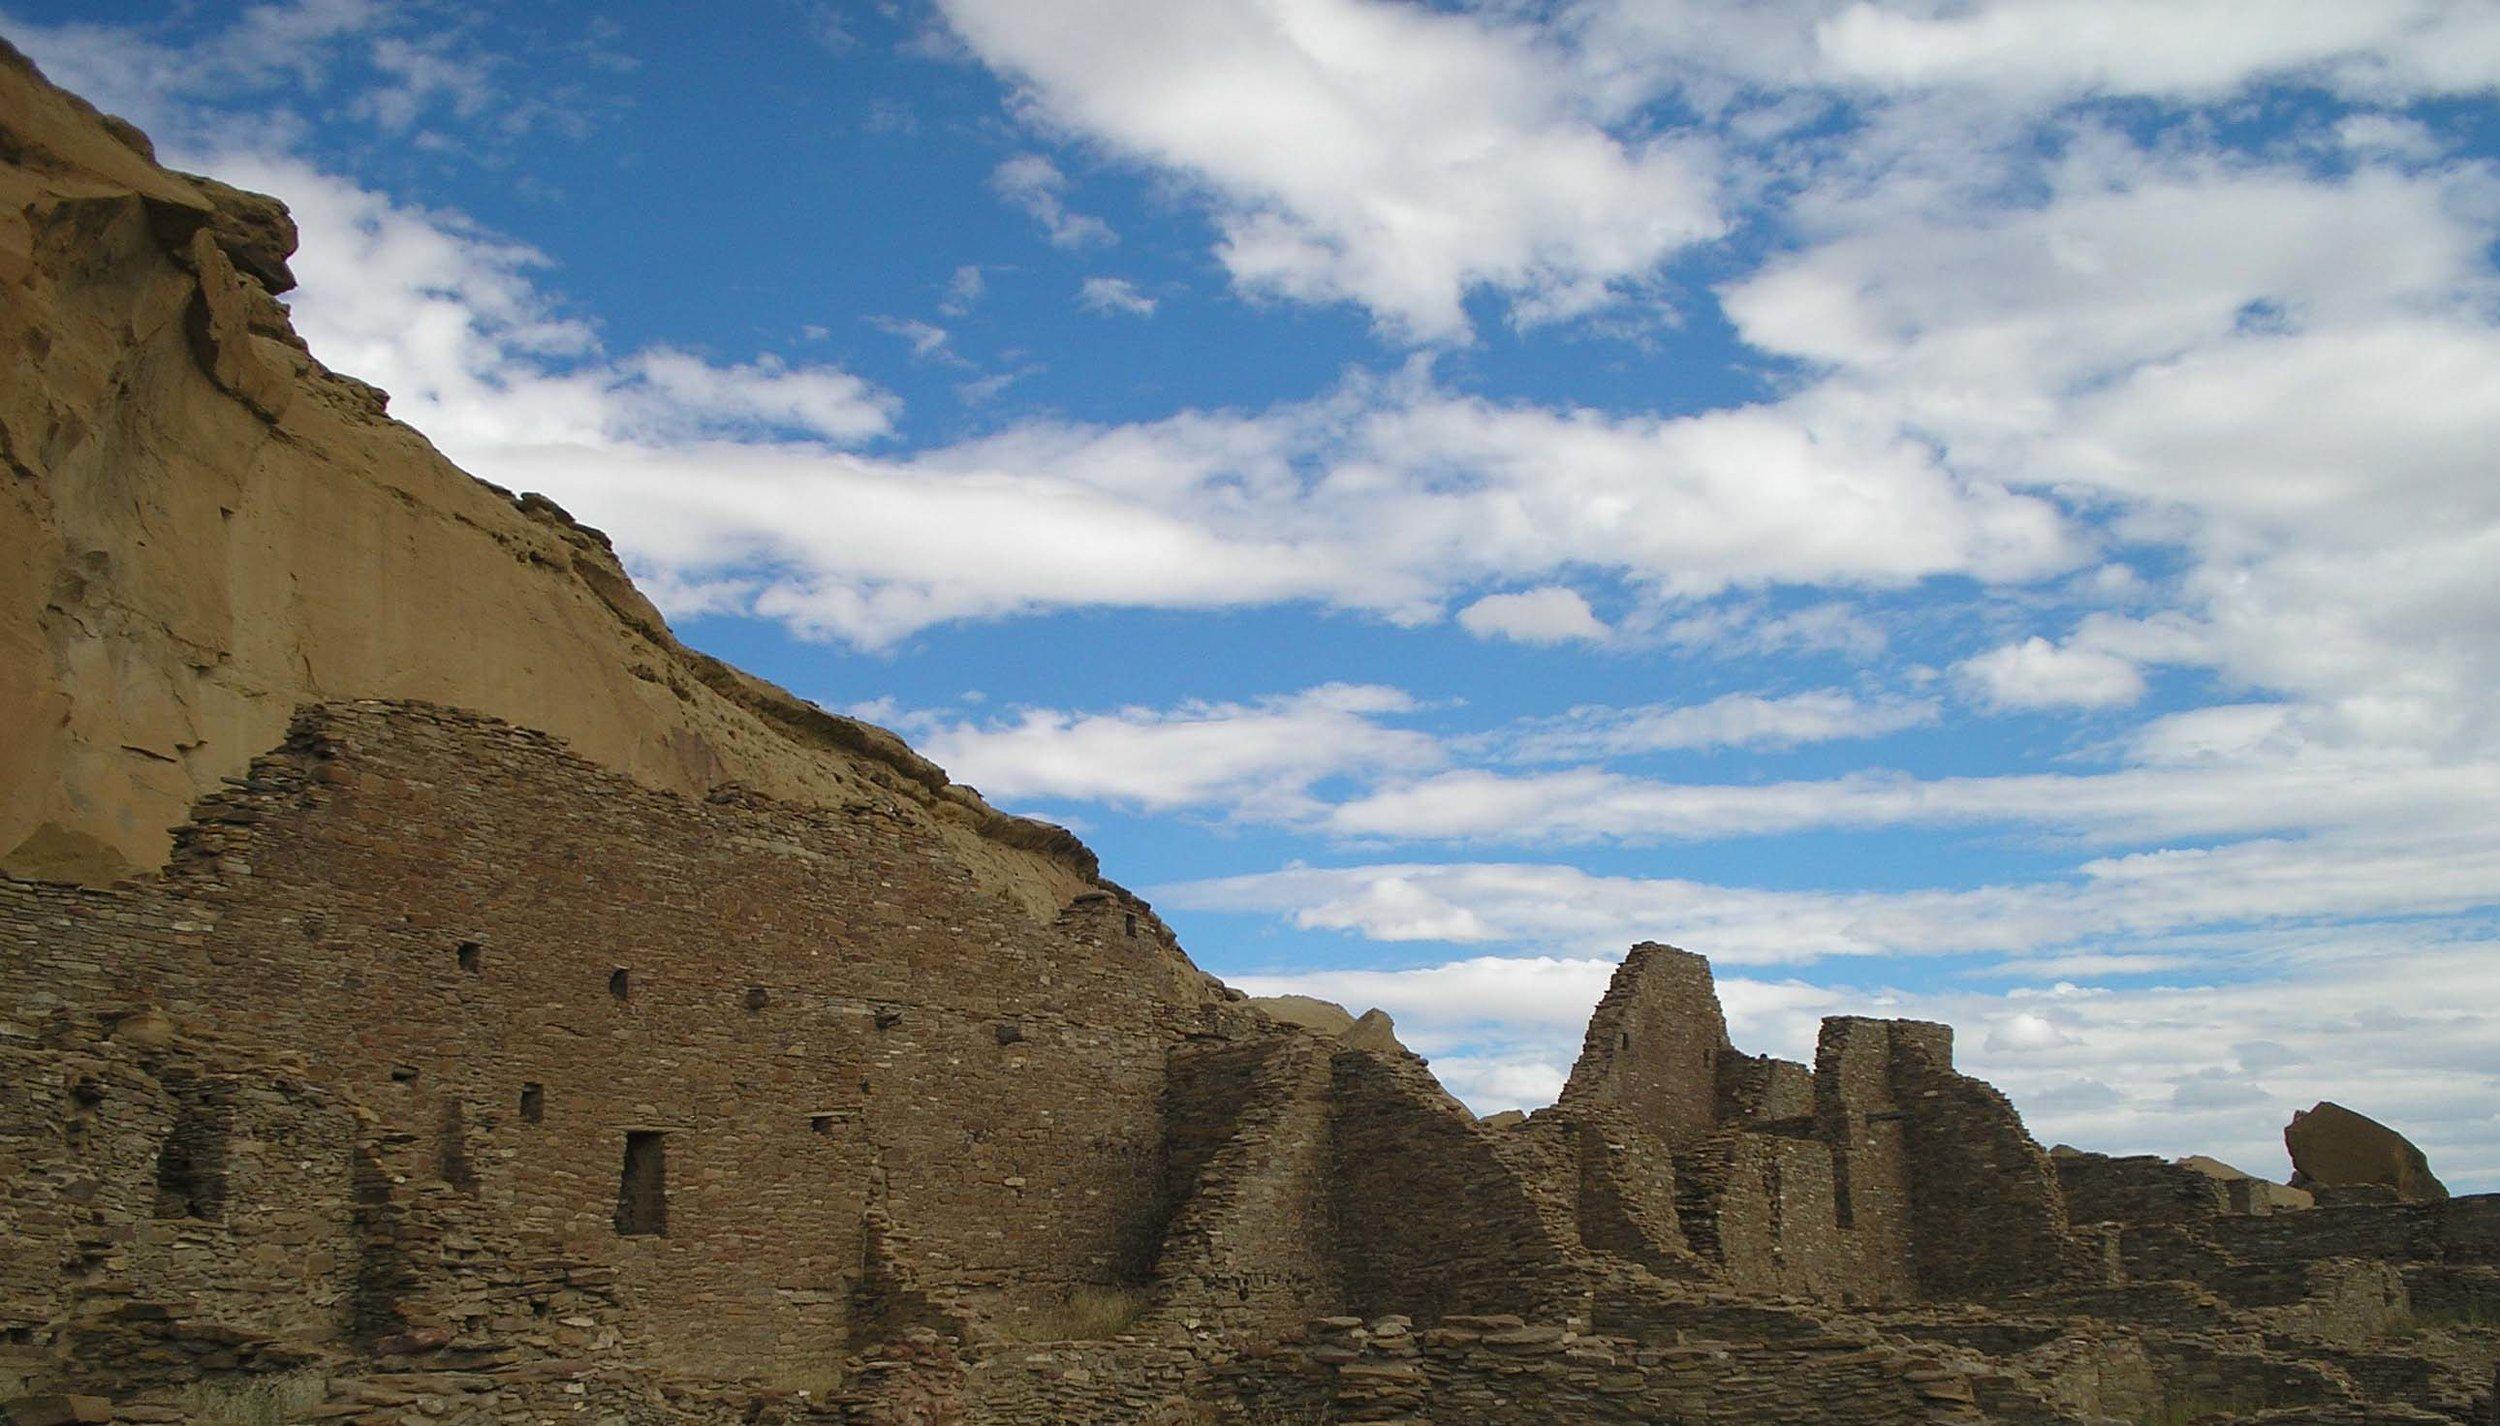 chaco canyon ruins 3.jpg